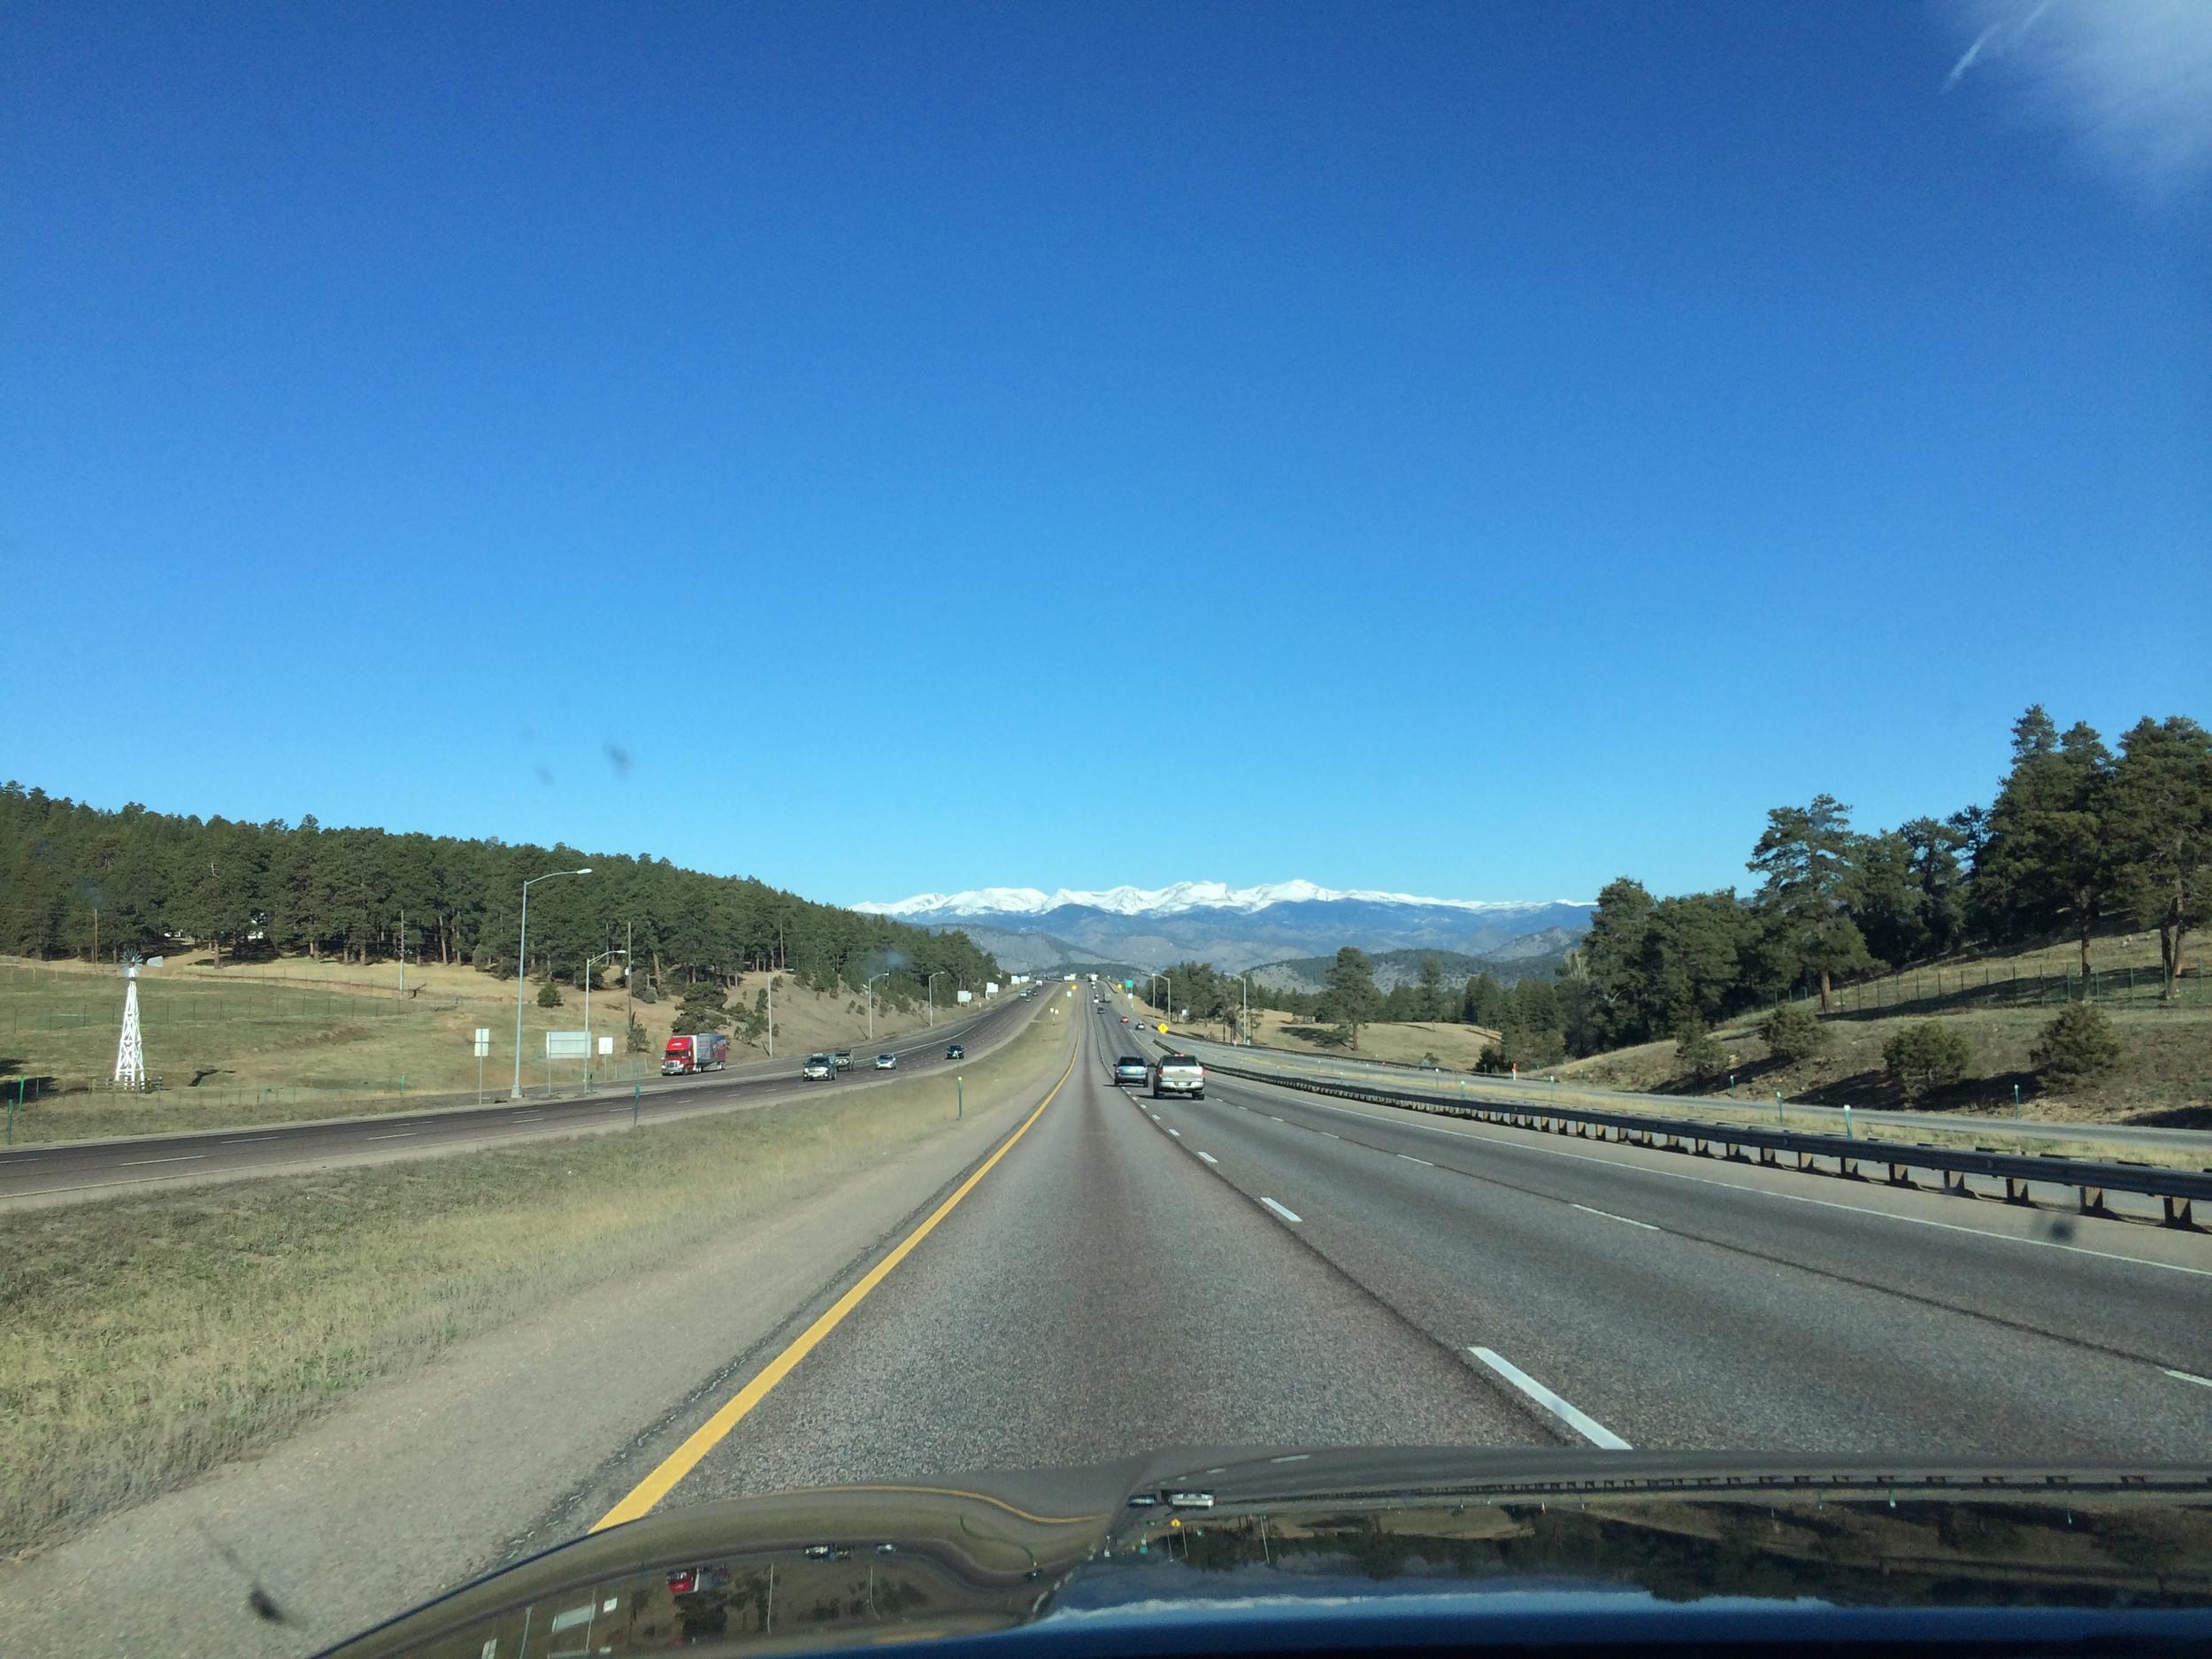 Highway to Glenwood Springs, CO